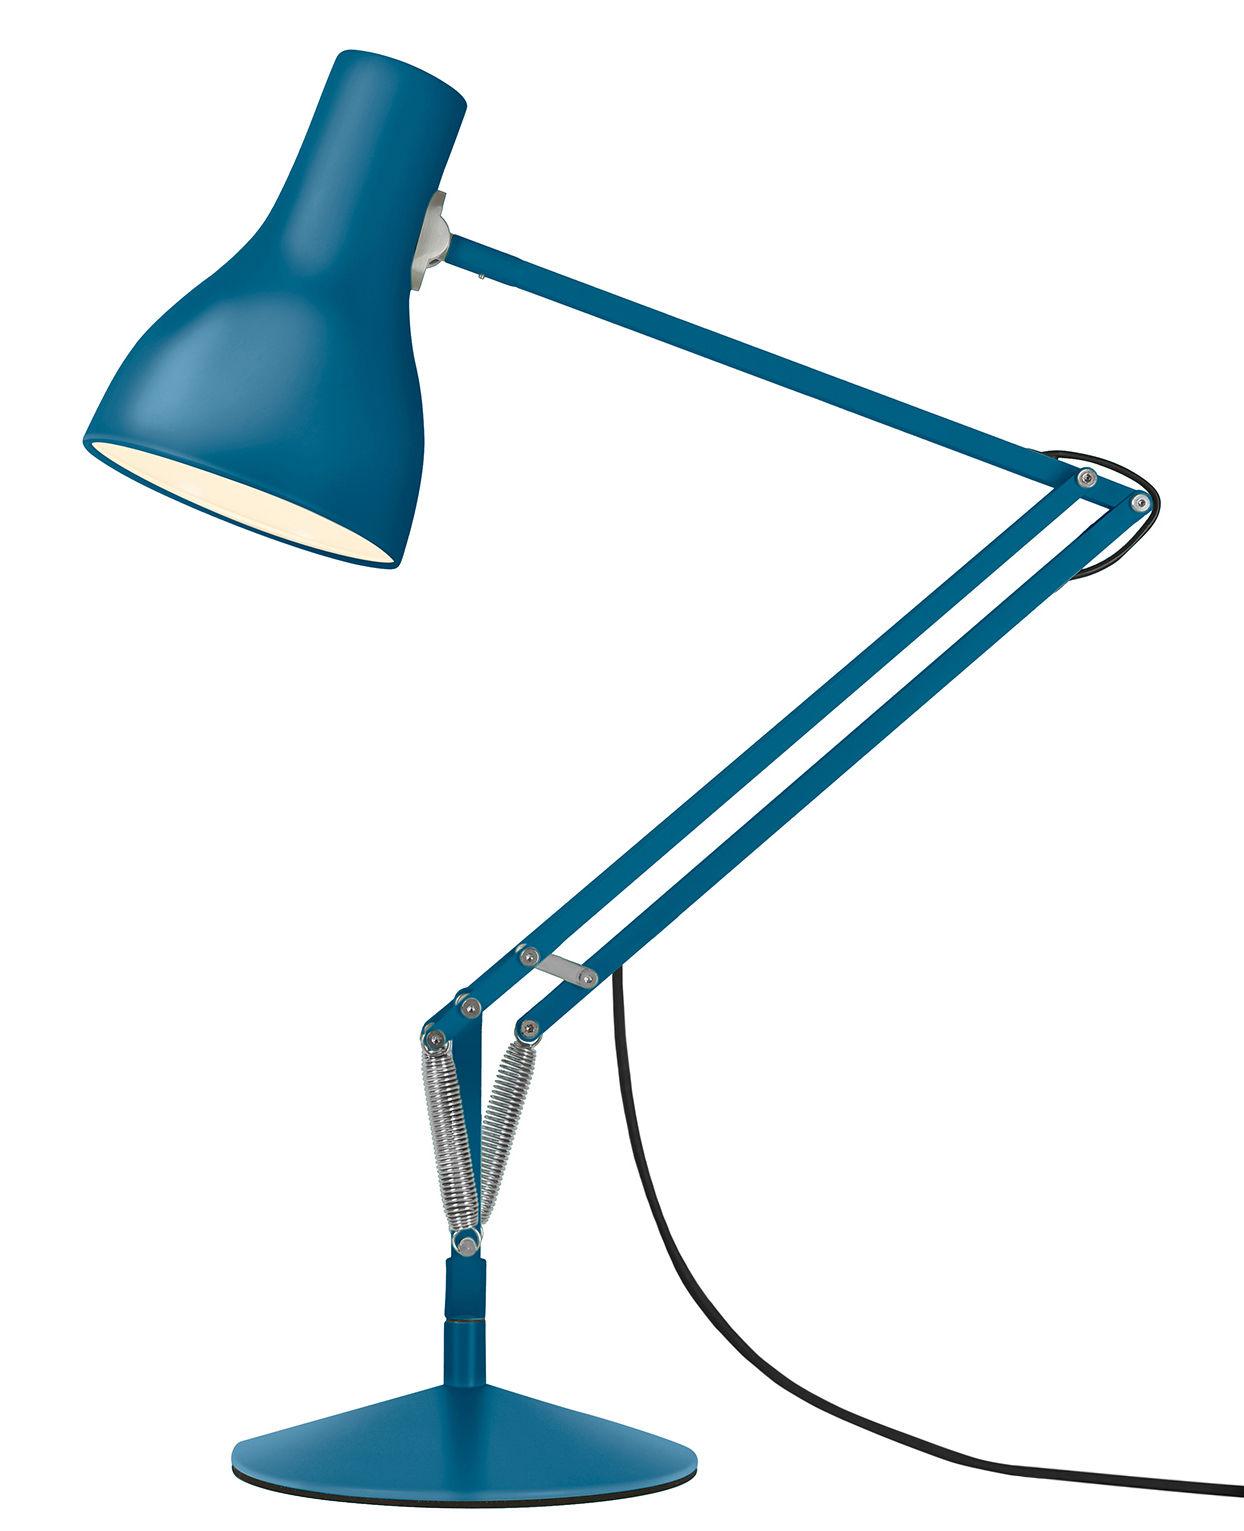 Luminaire - Lampes de table - Lampe de table Type 75 / By Margaret Howell - Edition limitée - Anglepoise - Bleu Saxon - Acier, Aluminium, Fonte